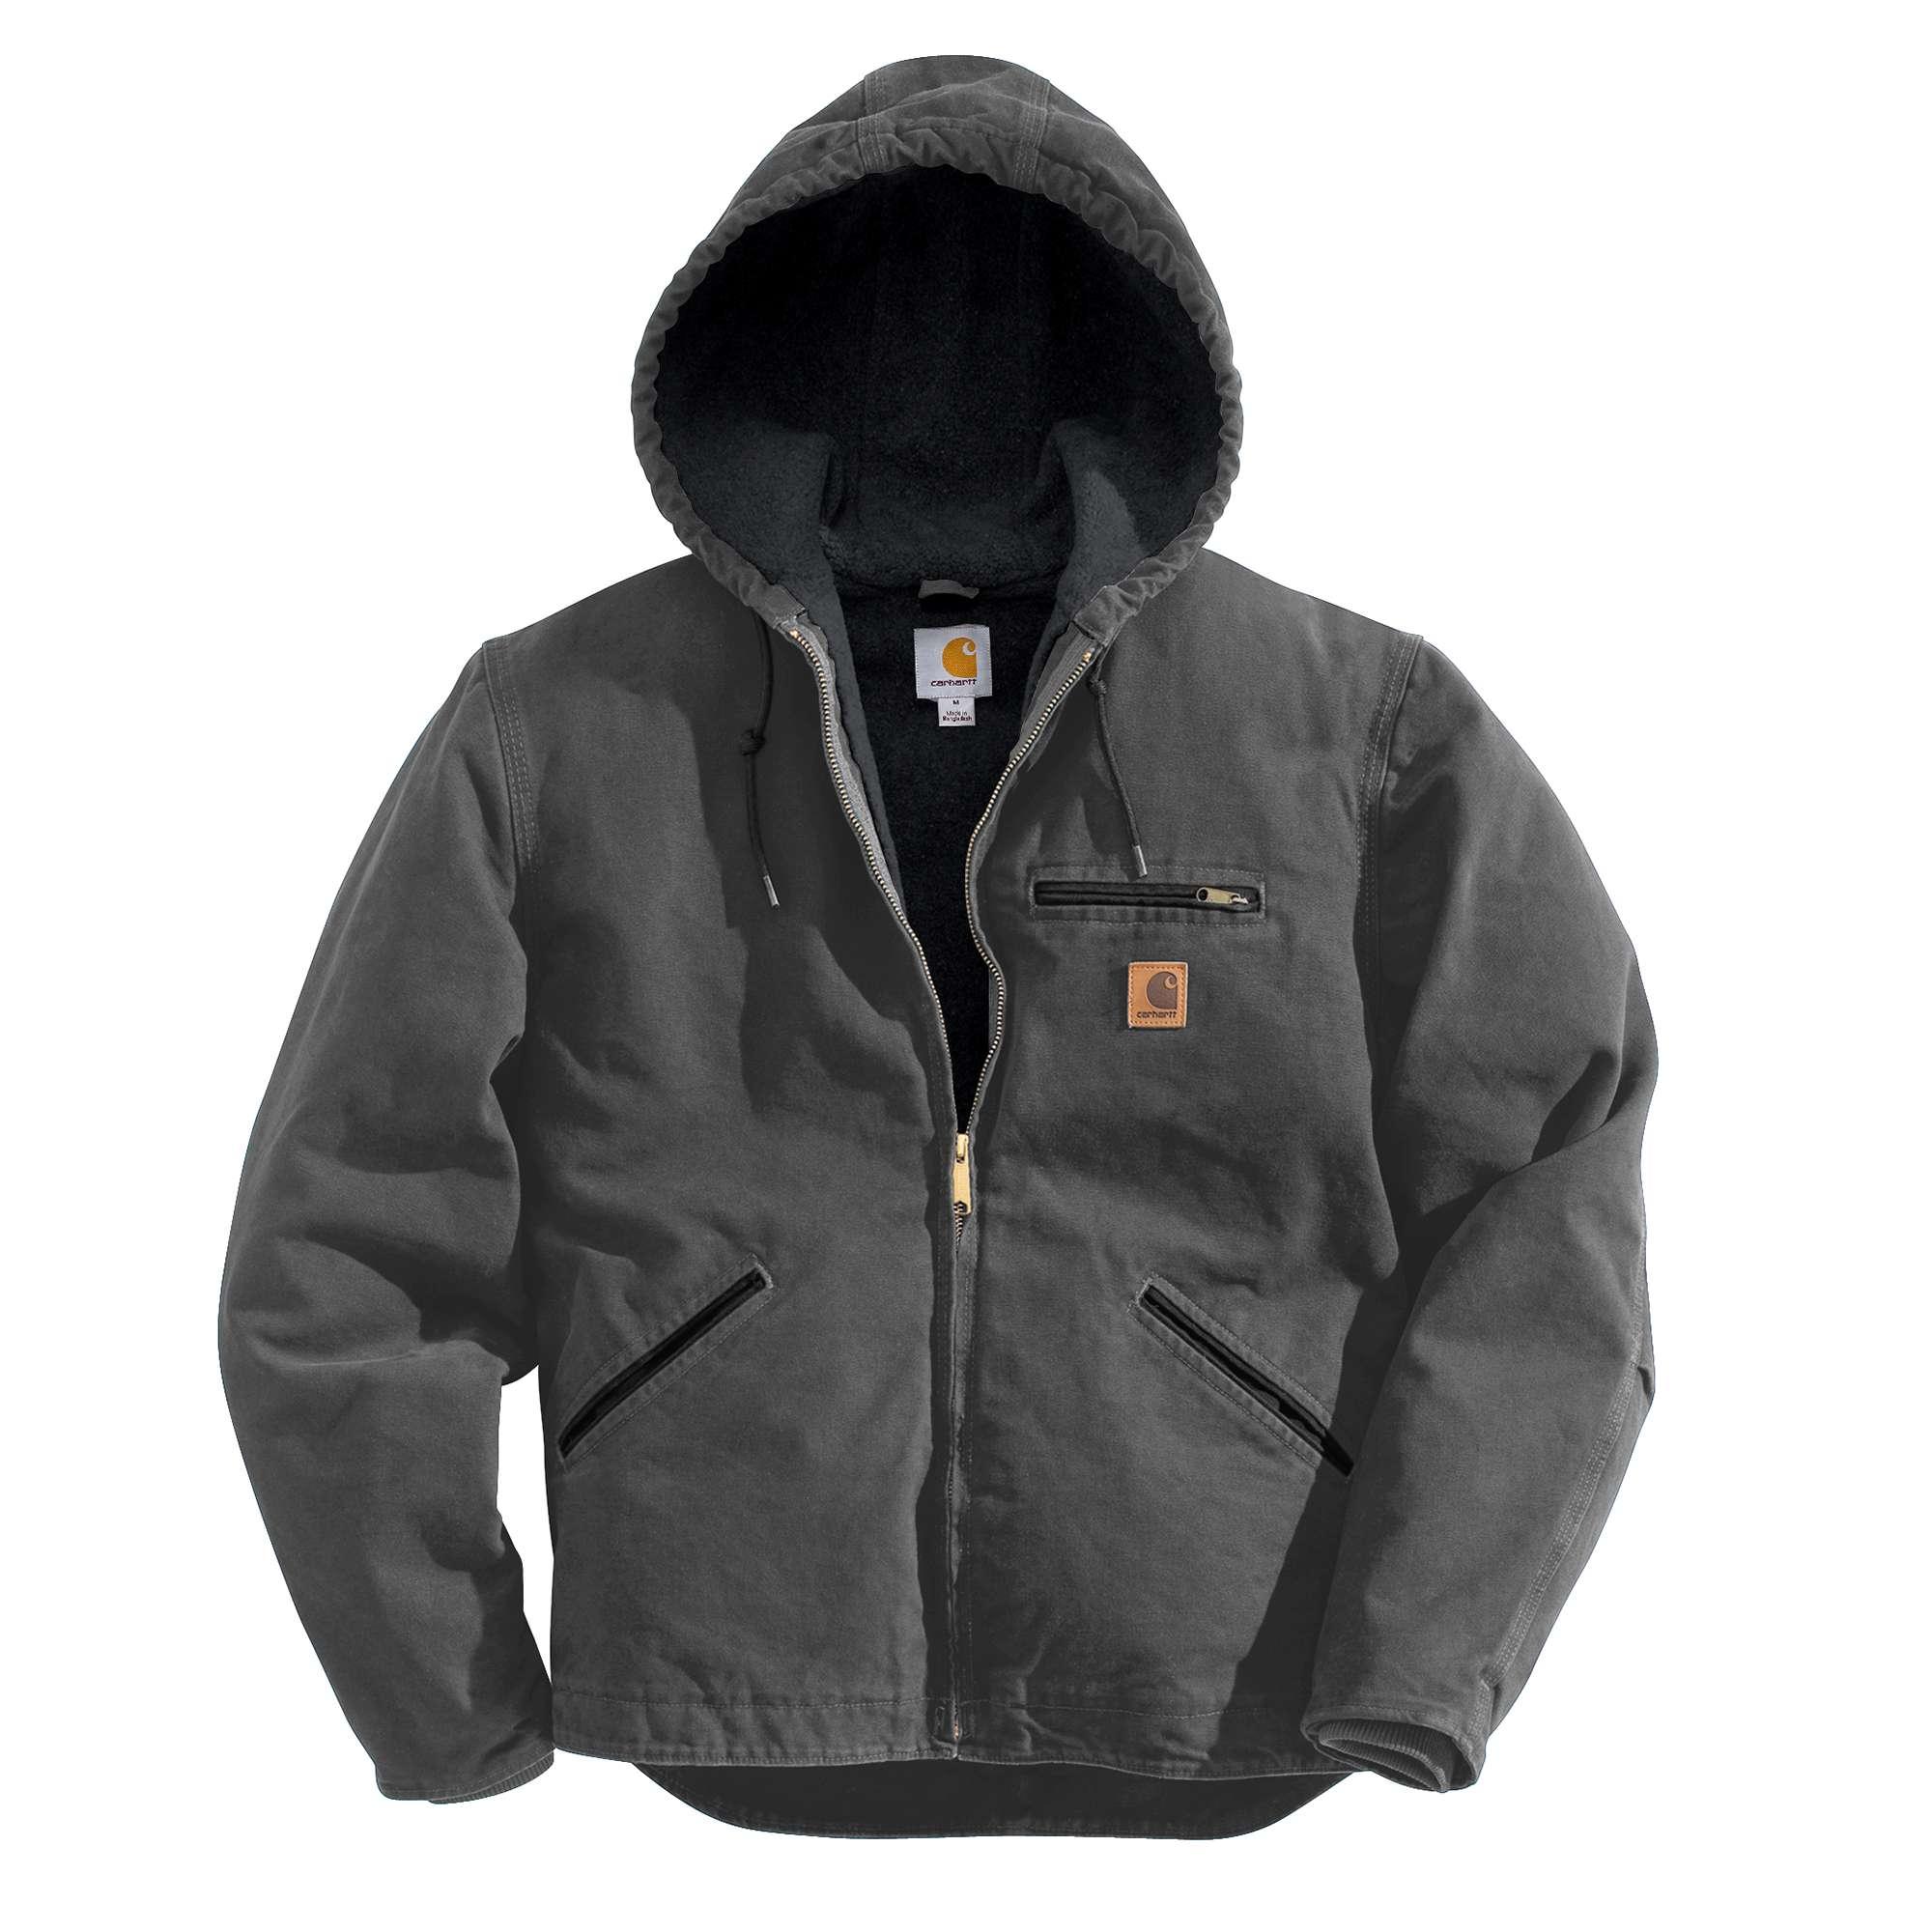 Carhartt Men Sandstone Sherpa-lined Sierra Jacket | Carhartt